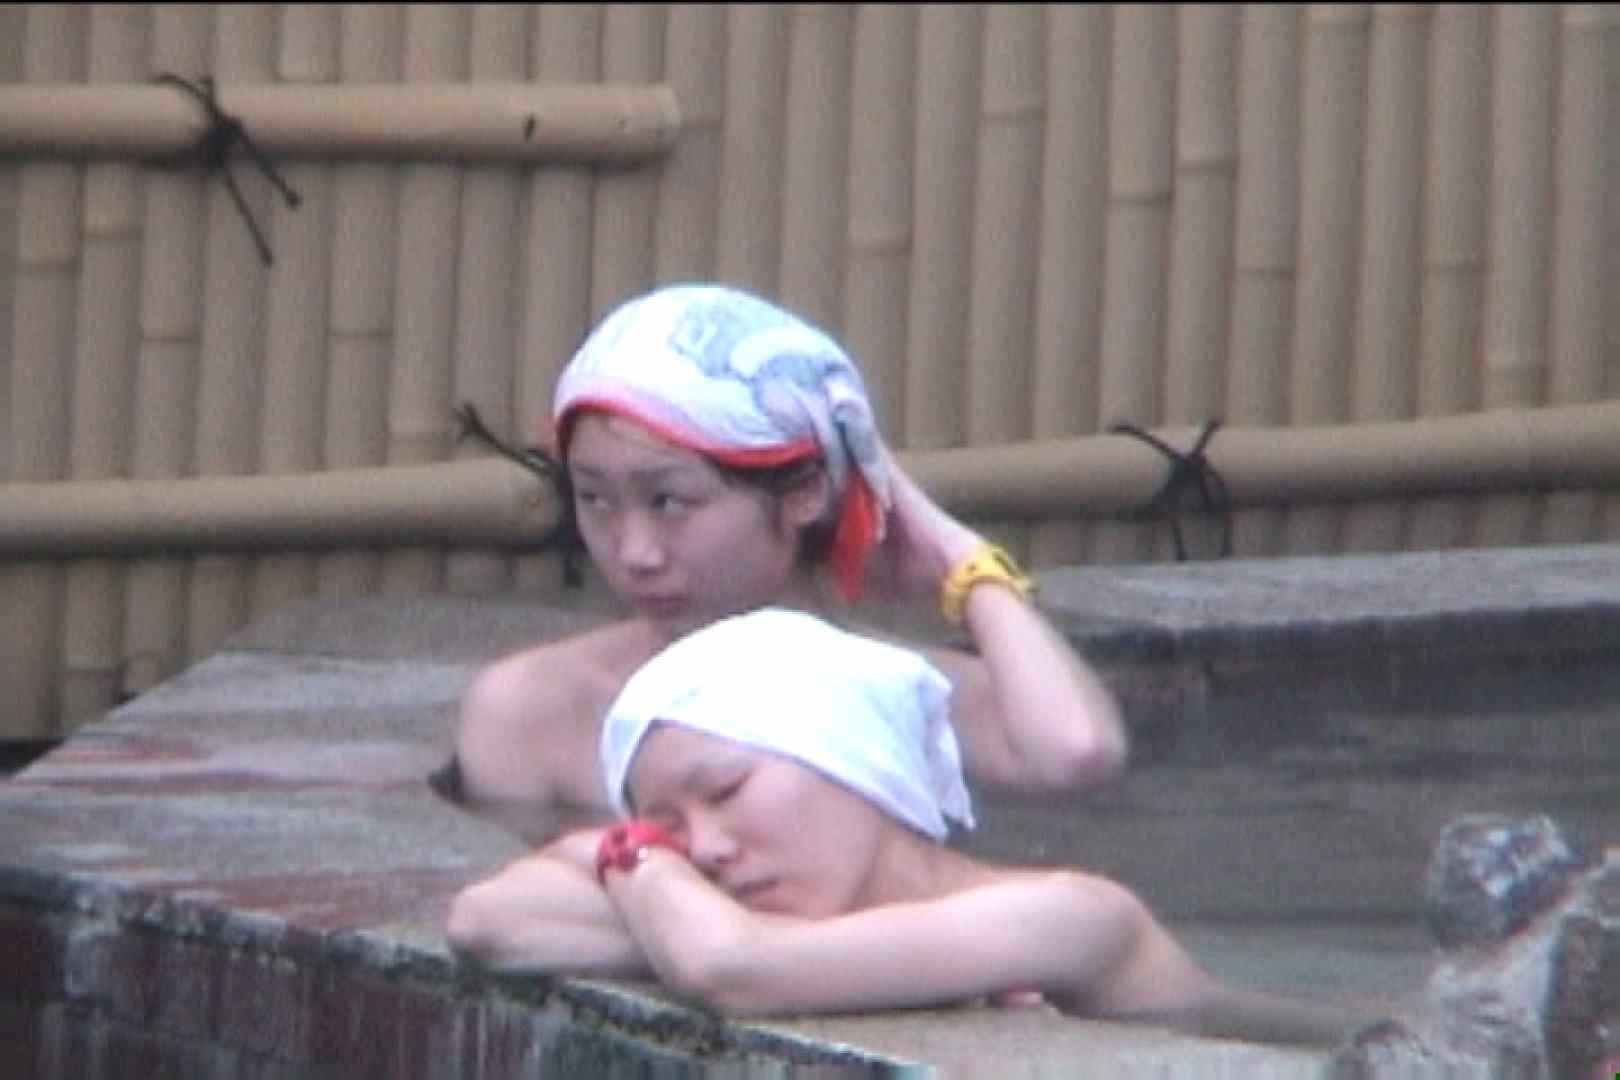 Aquaな露天風呂Vol.91【VIP限定】 OLエロ画像 | 露天  104PICs 49